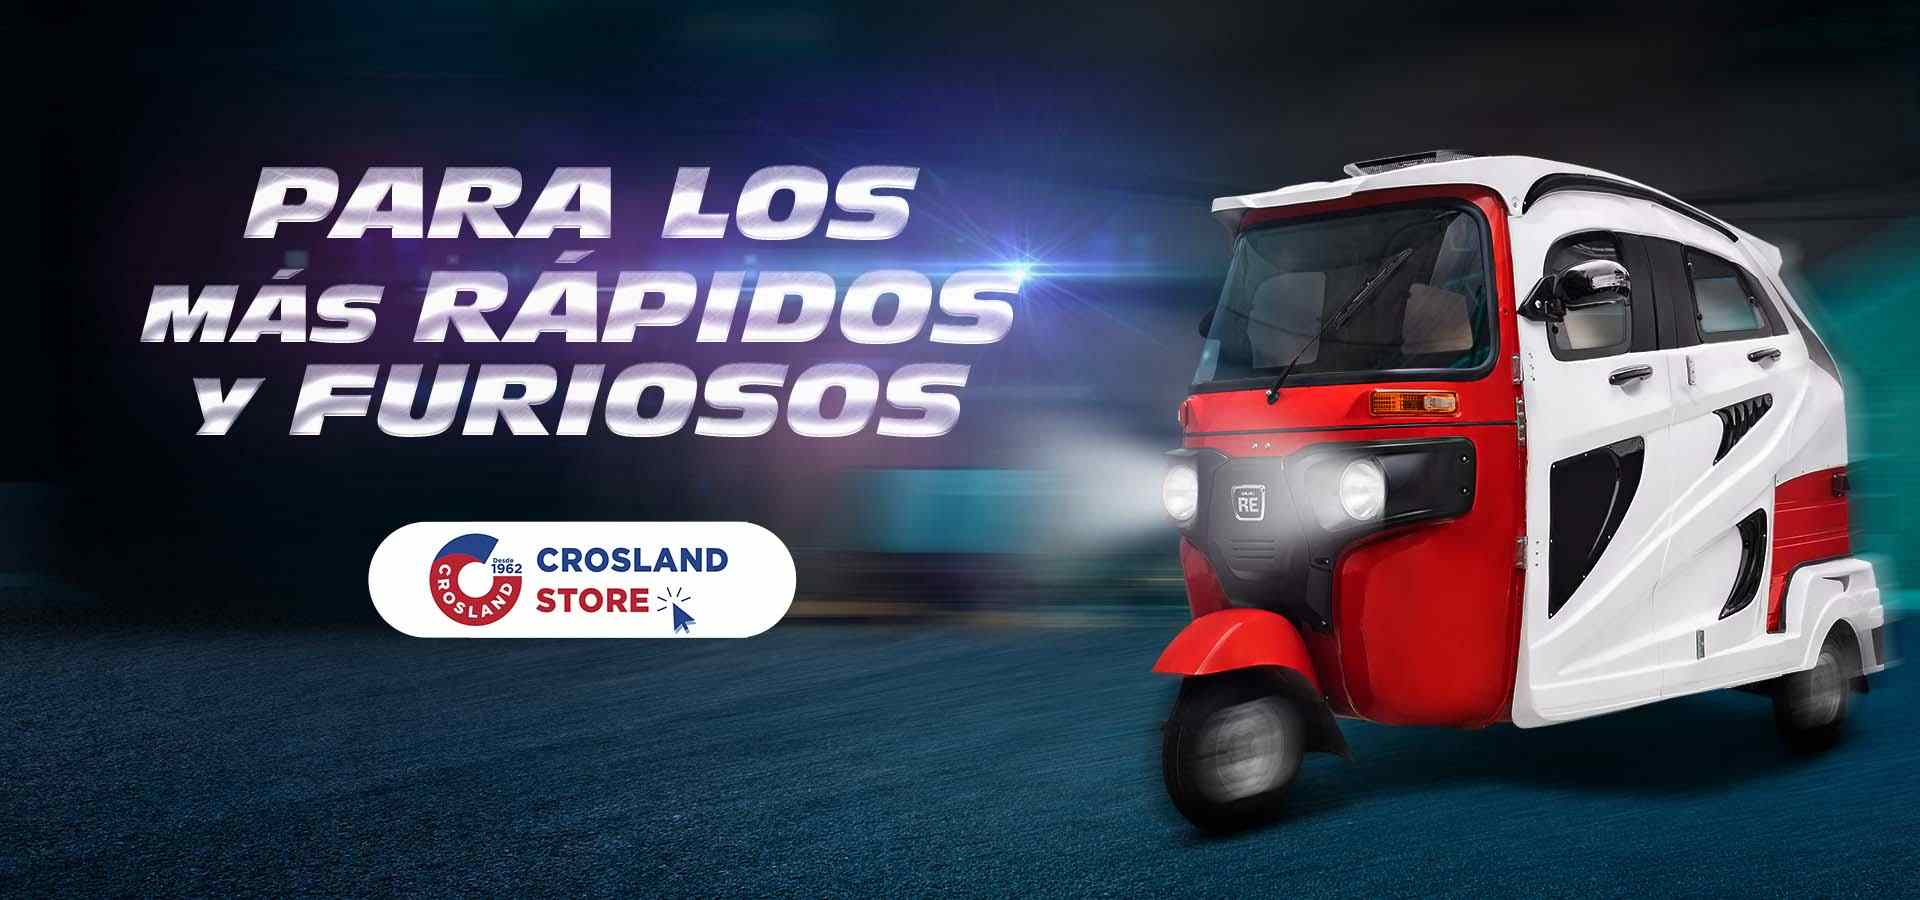 Encuentra los mejores accesorios para mototaxi en Crosland Store